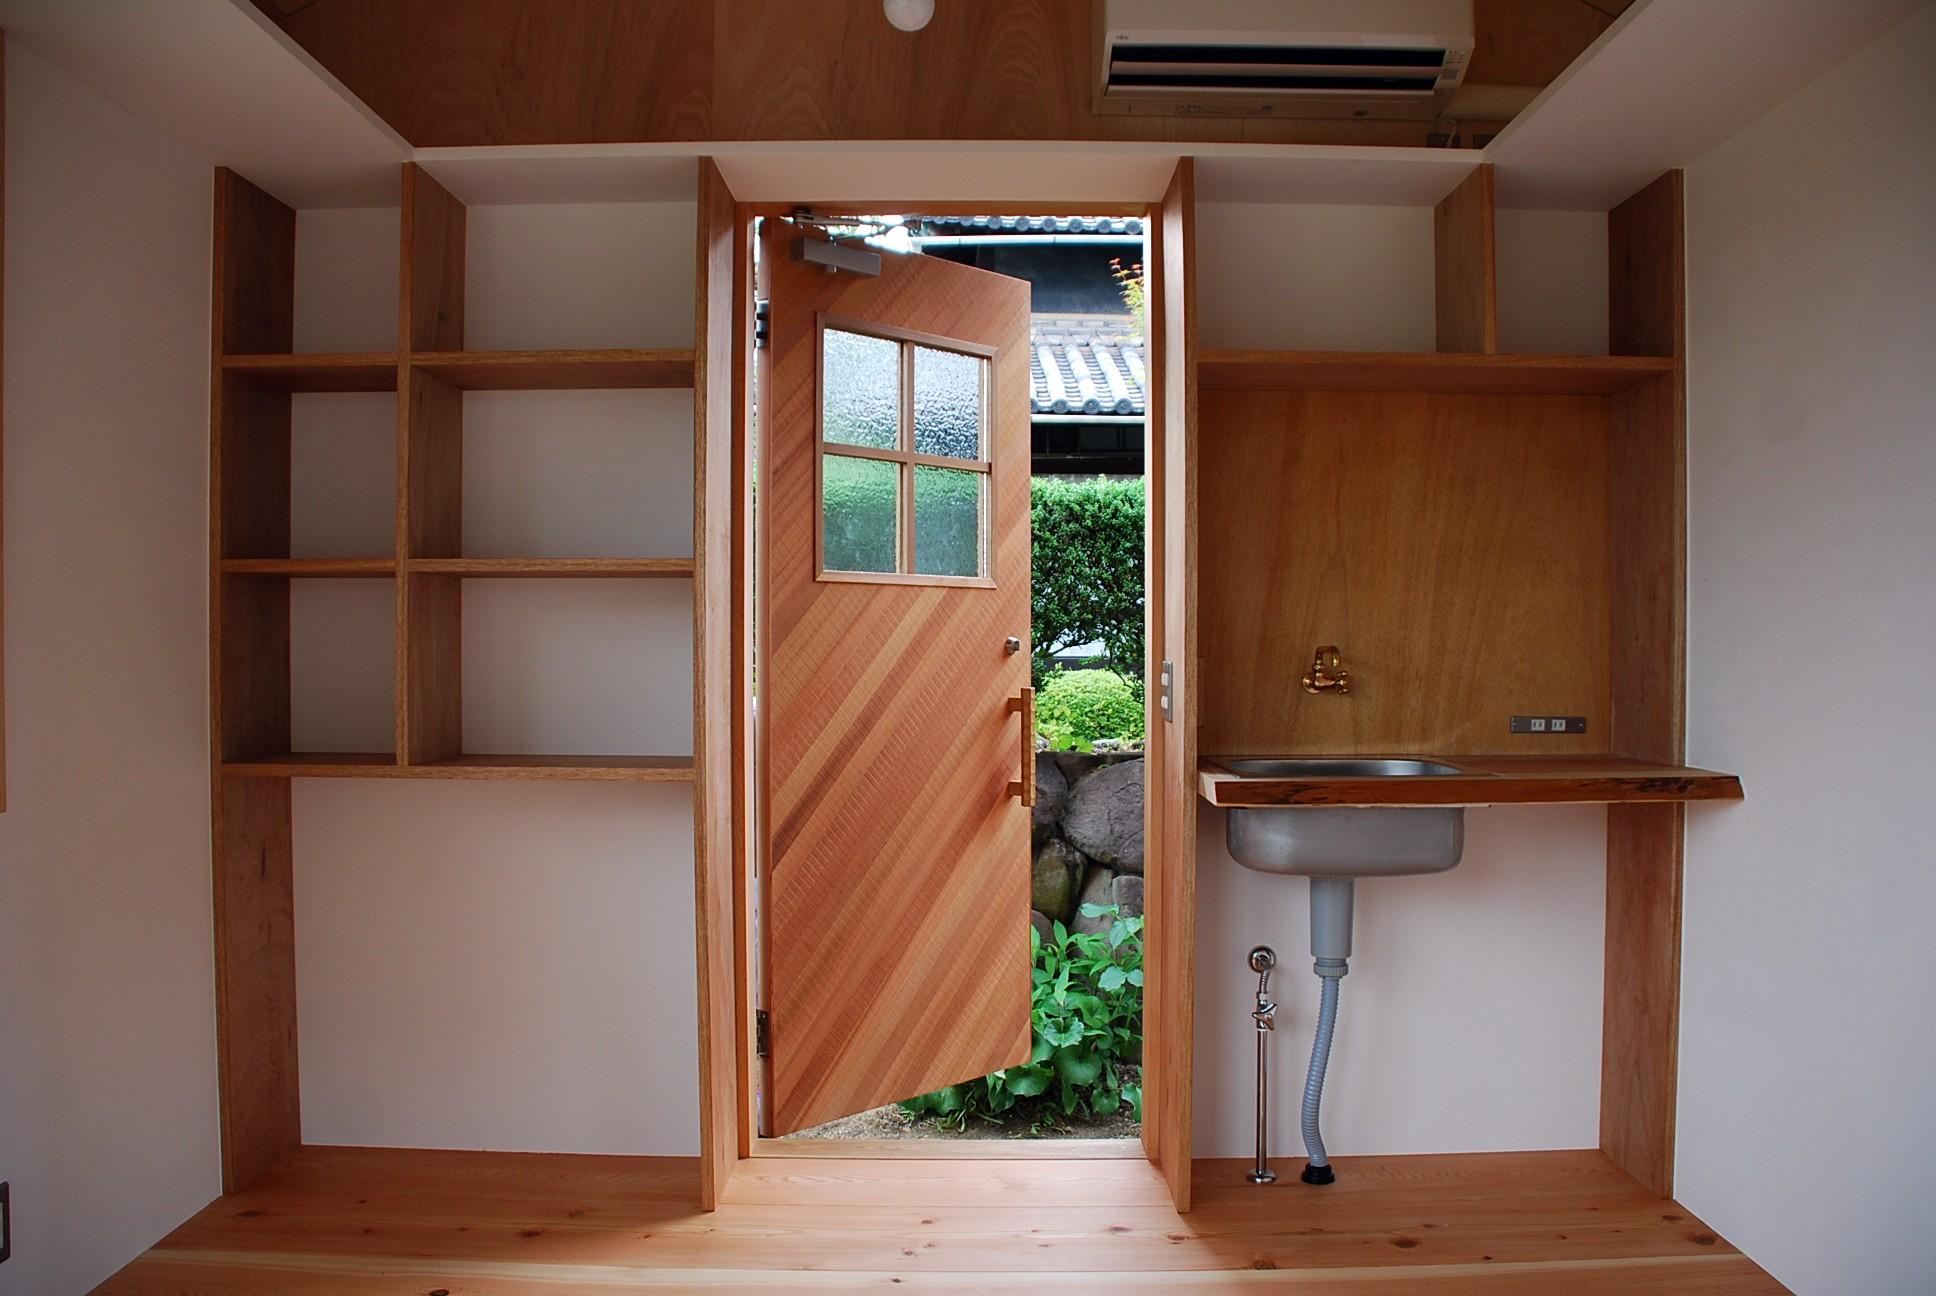 児島の小さなアトリエ (玄関と収納棚)